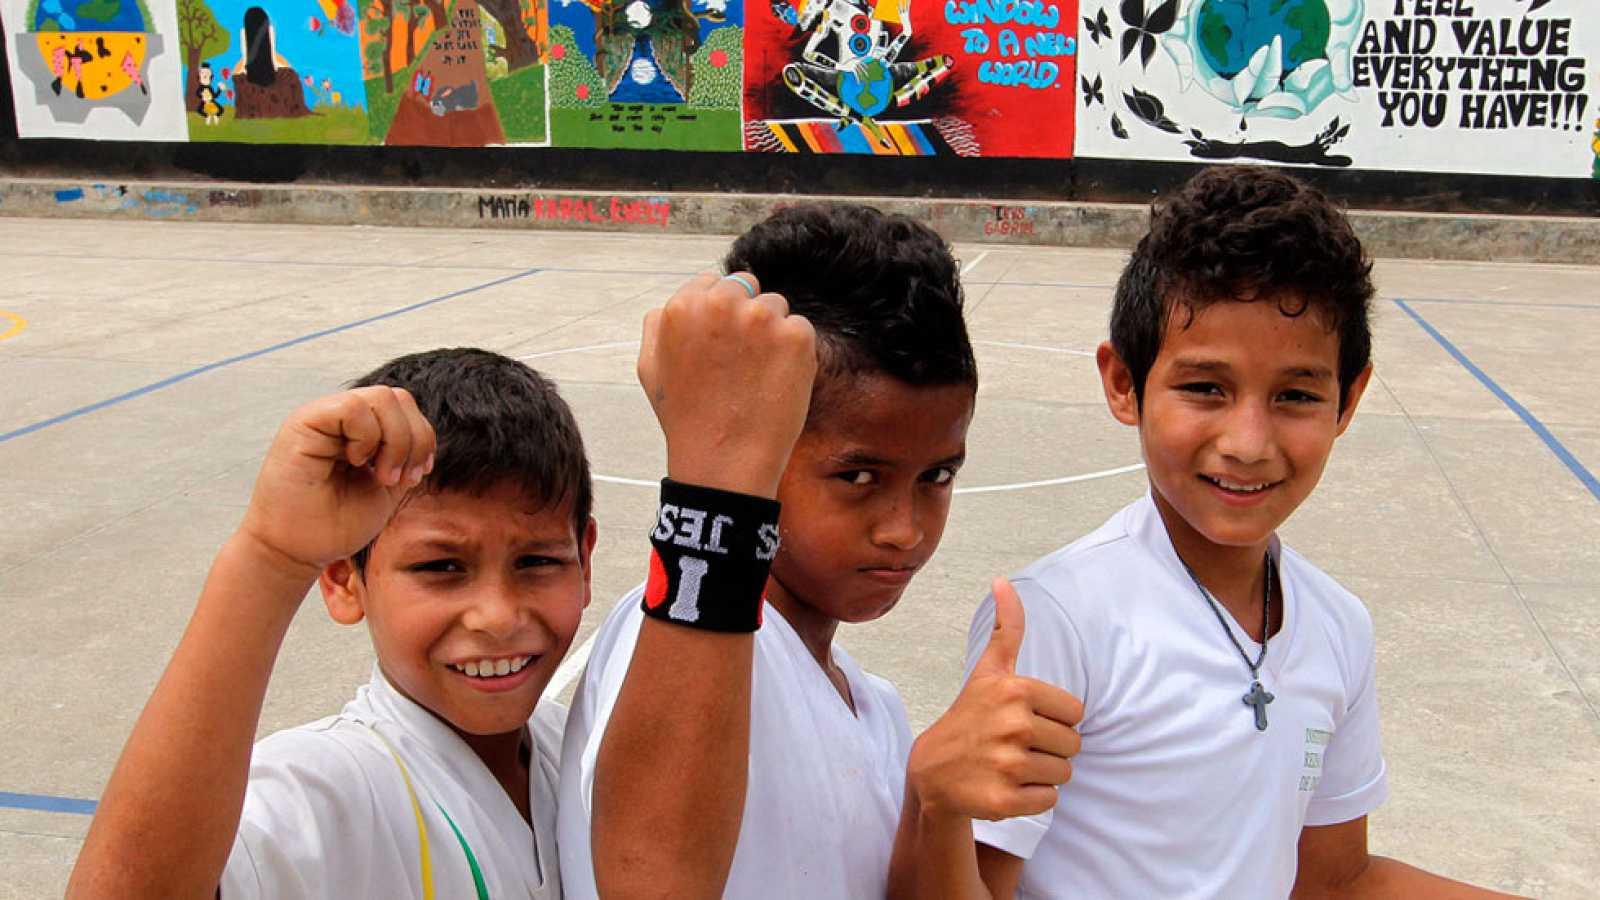 Un videoclip de Bisbal para concienciar sobre los derechos del niño